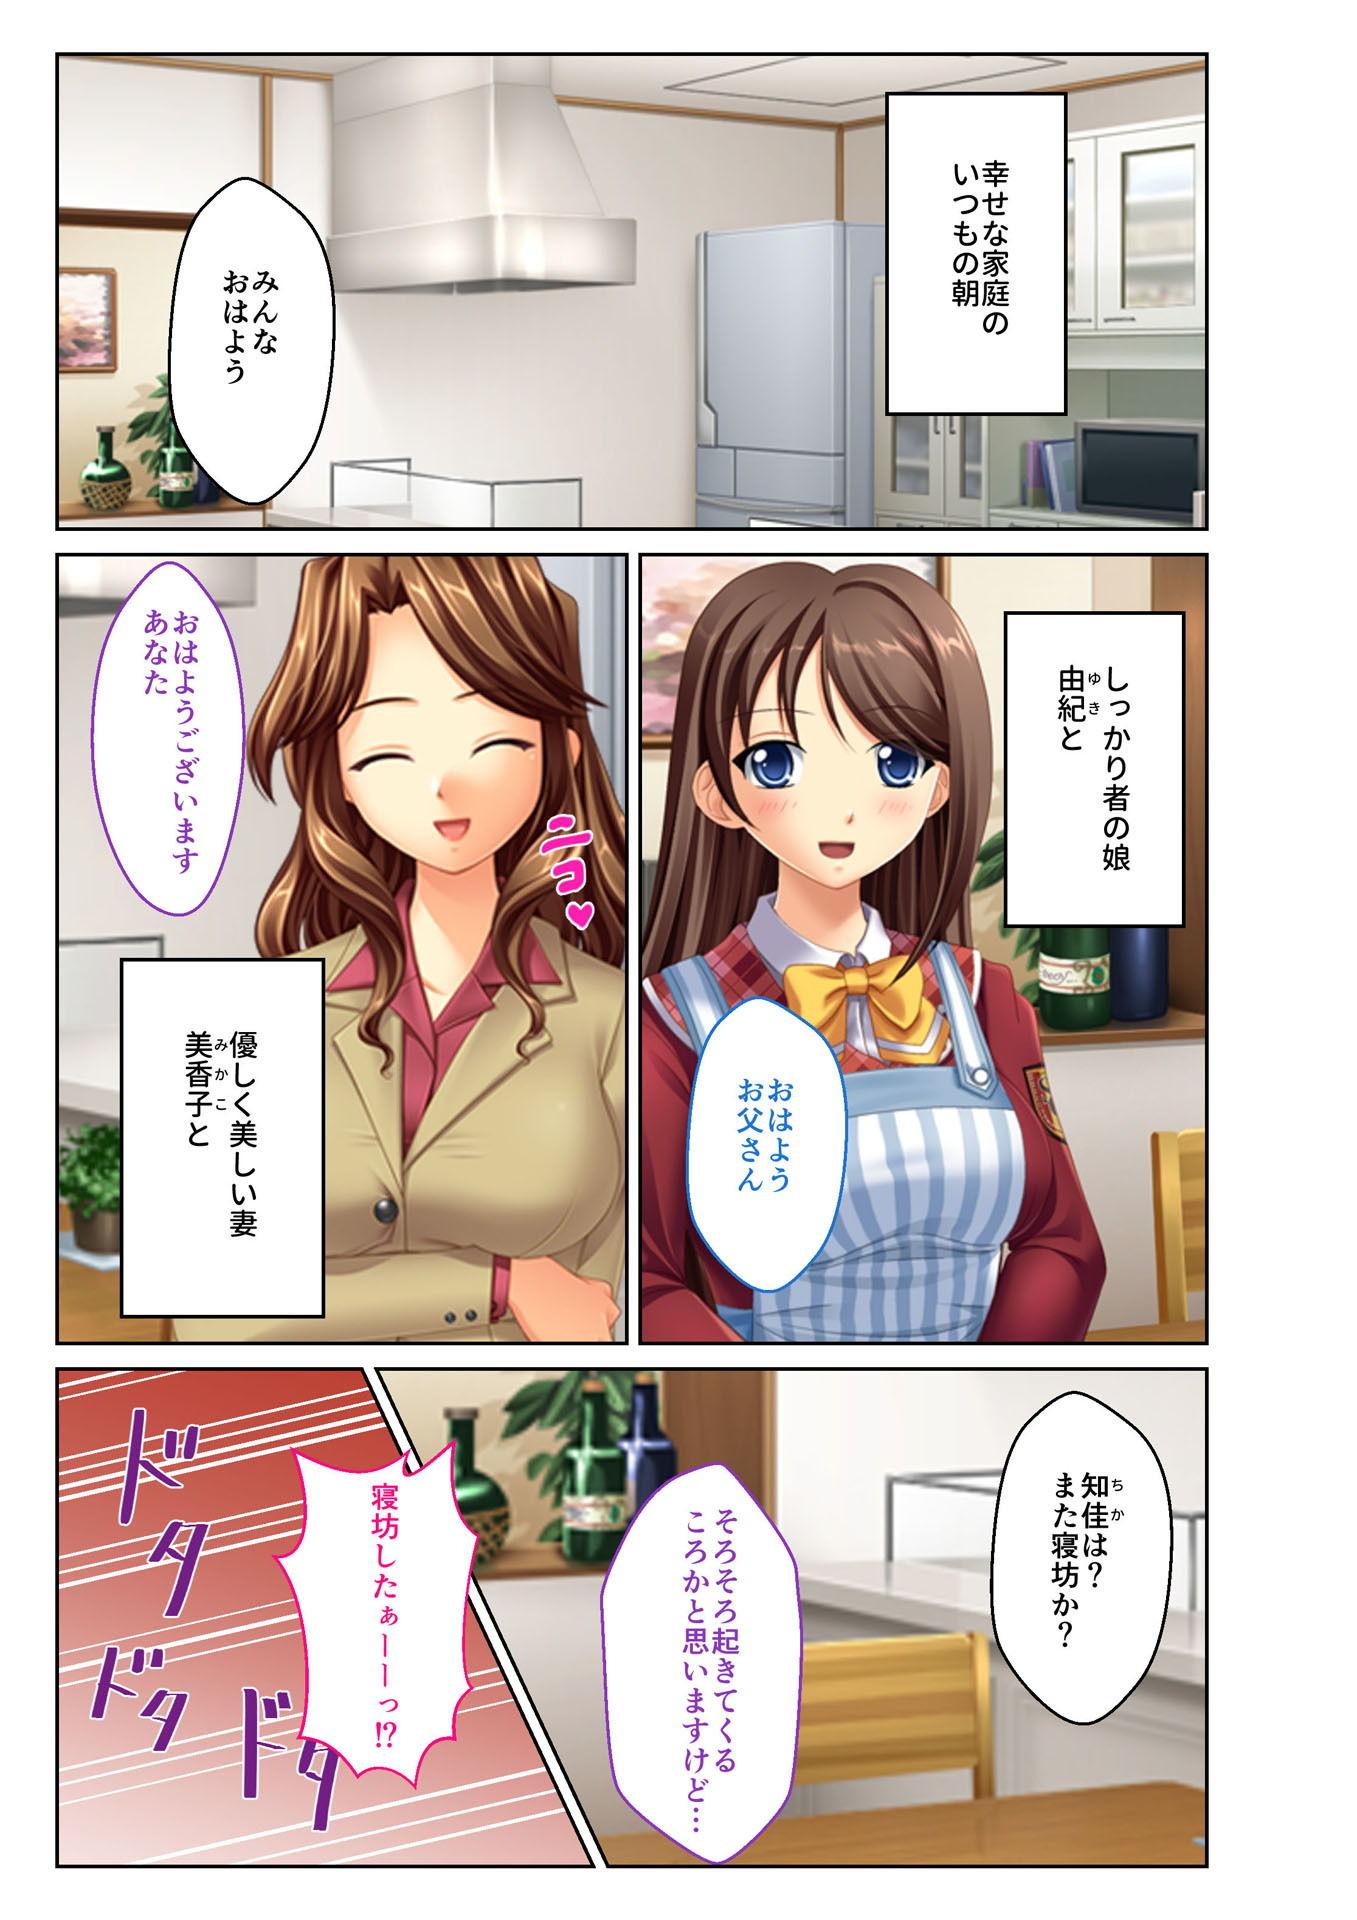 【パンティ 同人】義娘寝取り~嫌がるJKに強制挿入~(1)フルカラーコミック版